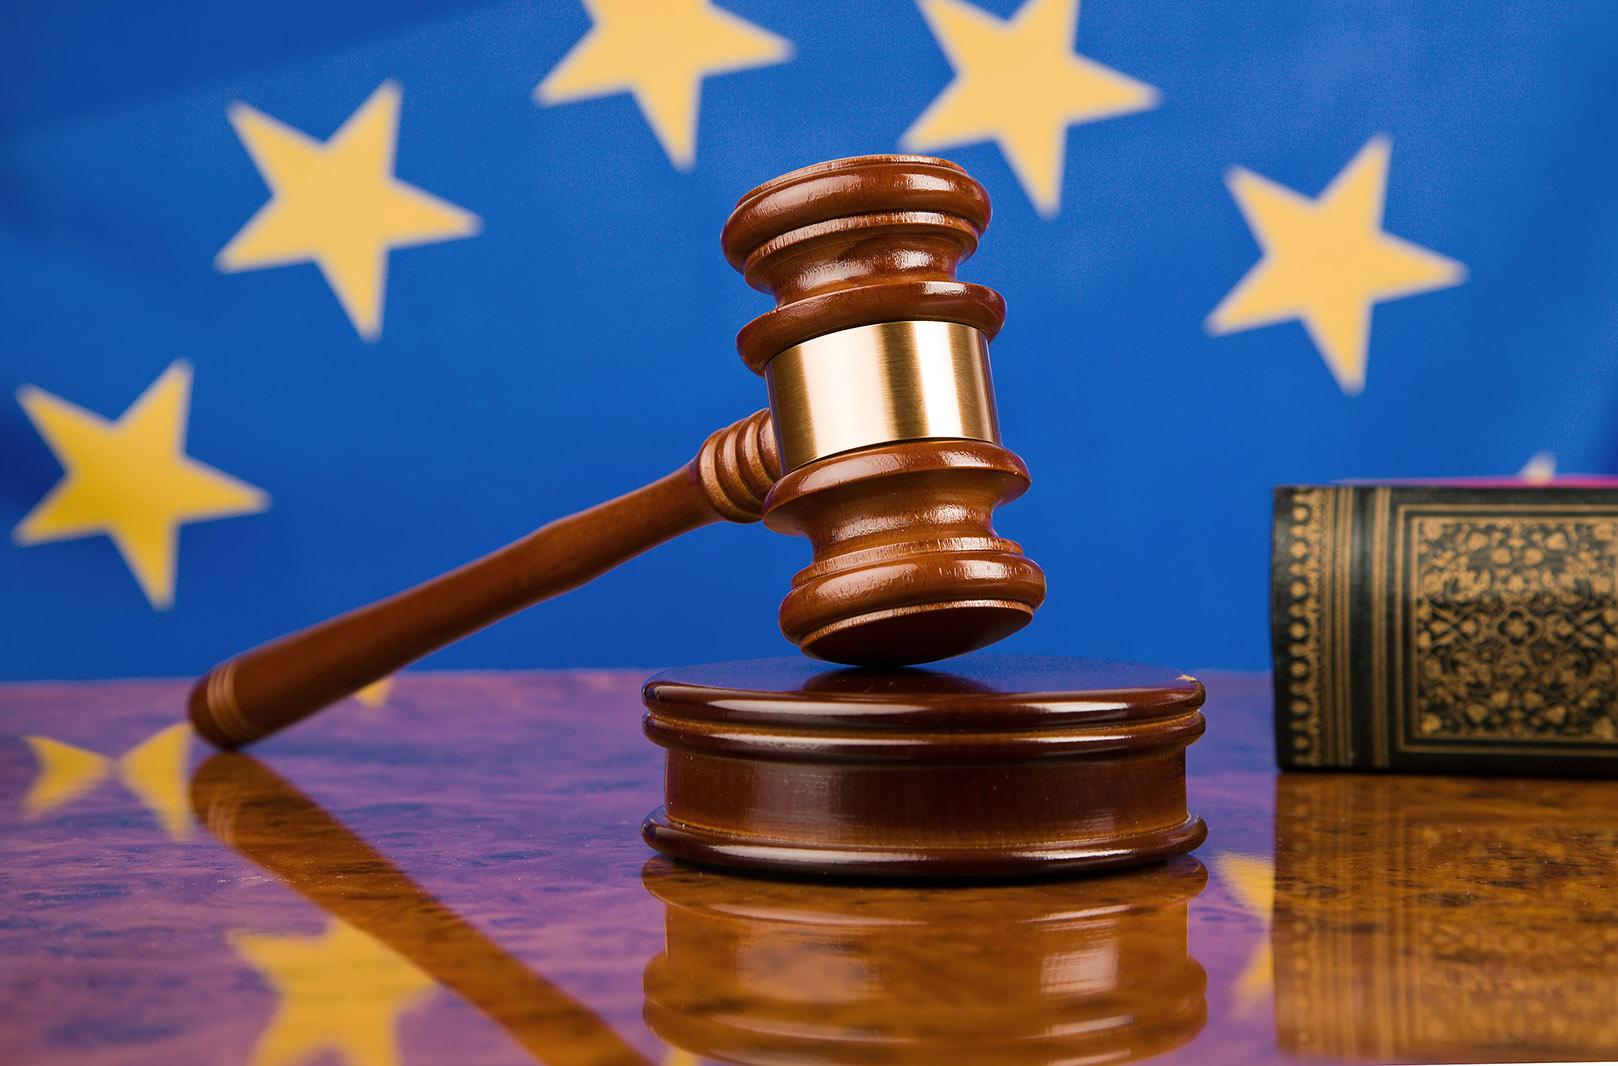 Le Parquet européen : un exemple inédit de coopération judiciaire au sein de l'Union européenne